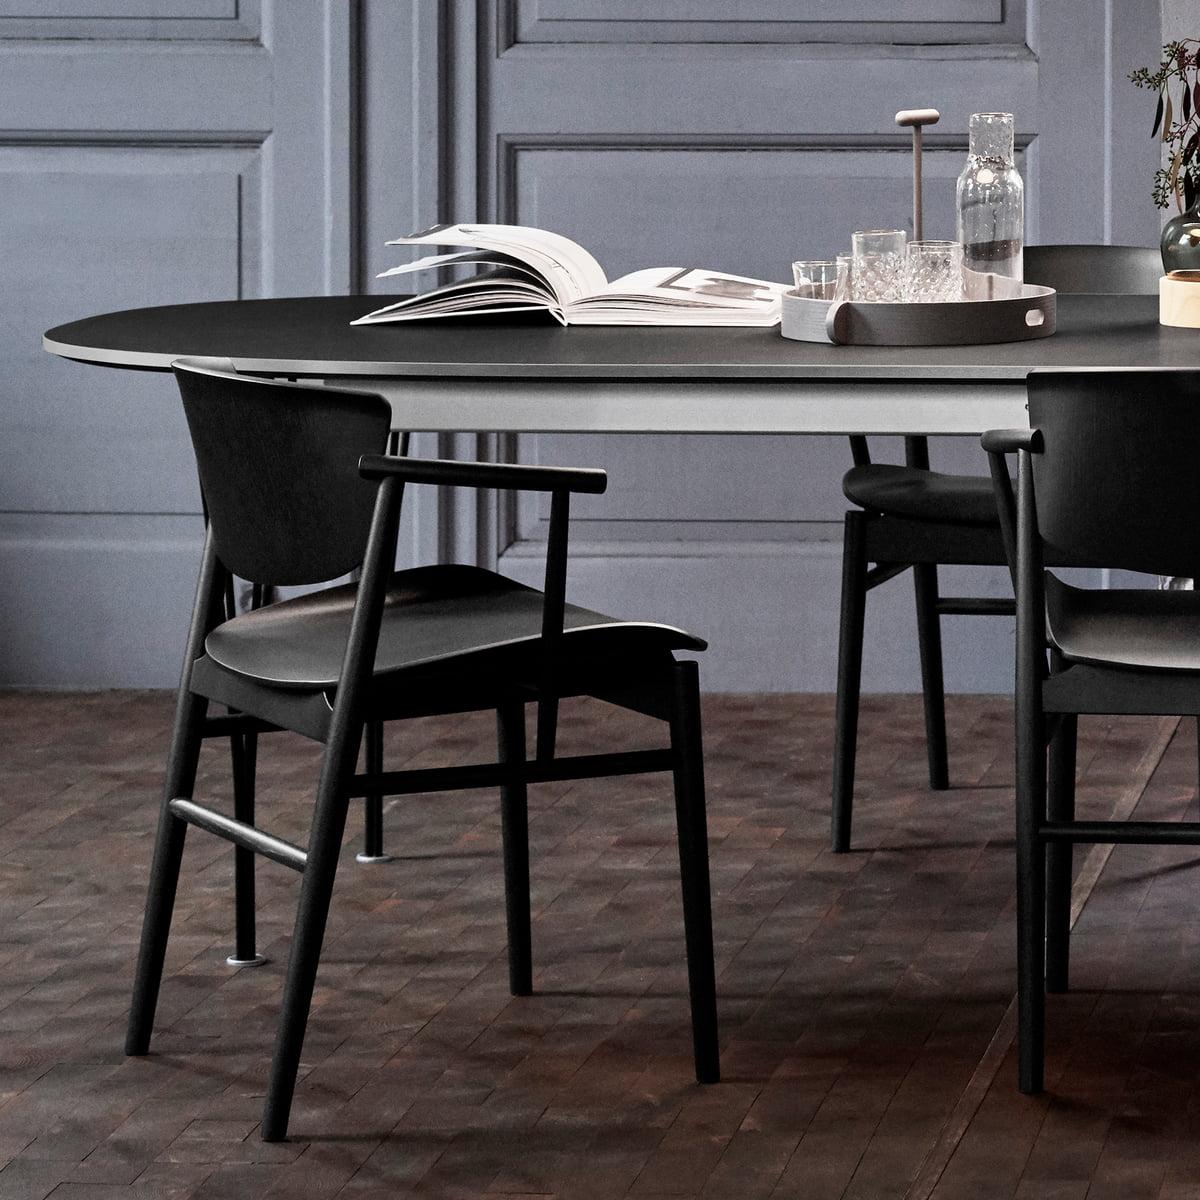 N01 Wooden Chair By Fritz Hansen Connox